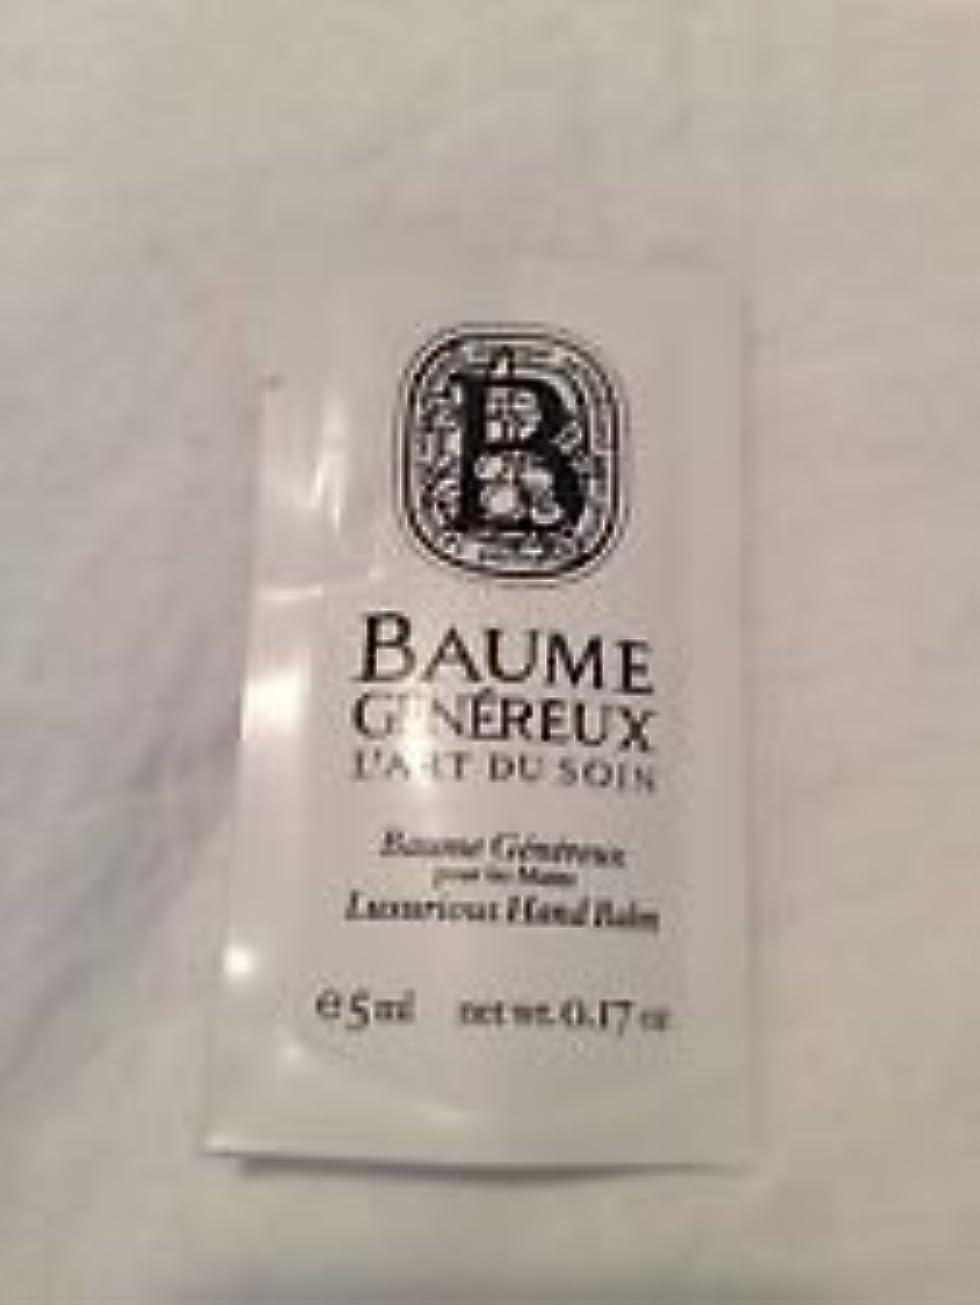 繁栄する急性演じるDiptyque Baume Genereux (ディプティック ボーム ジェネリュク) 0.17 oz (5ml) ハンドバルム サンプル for Women